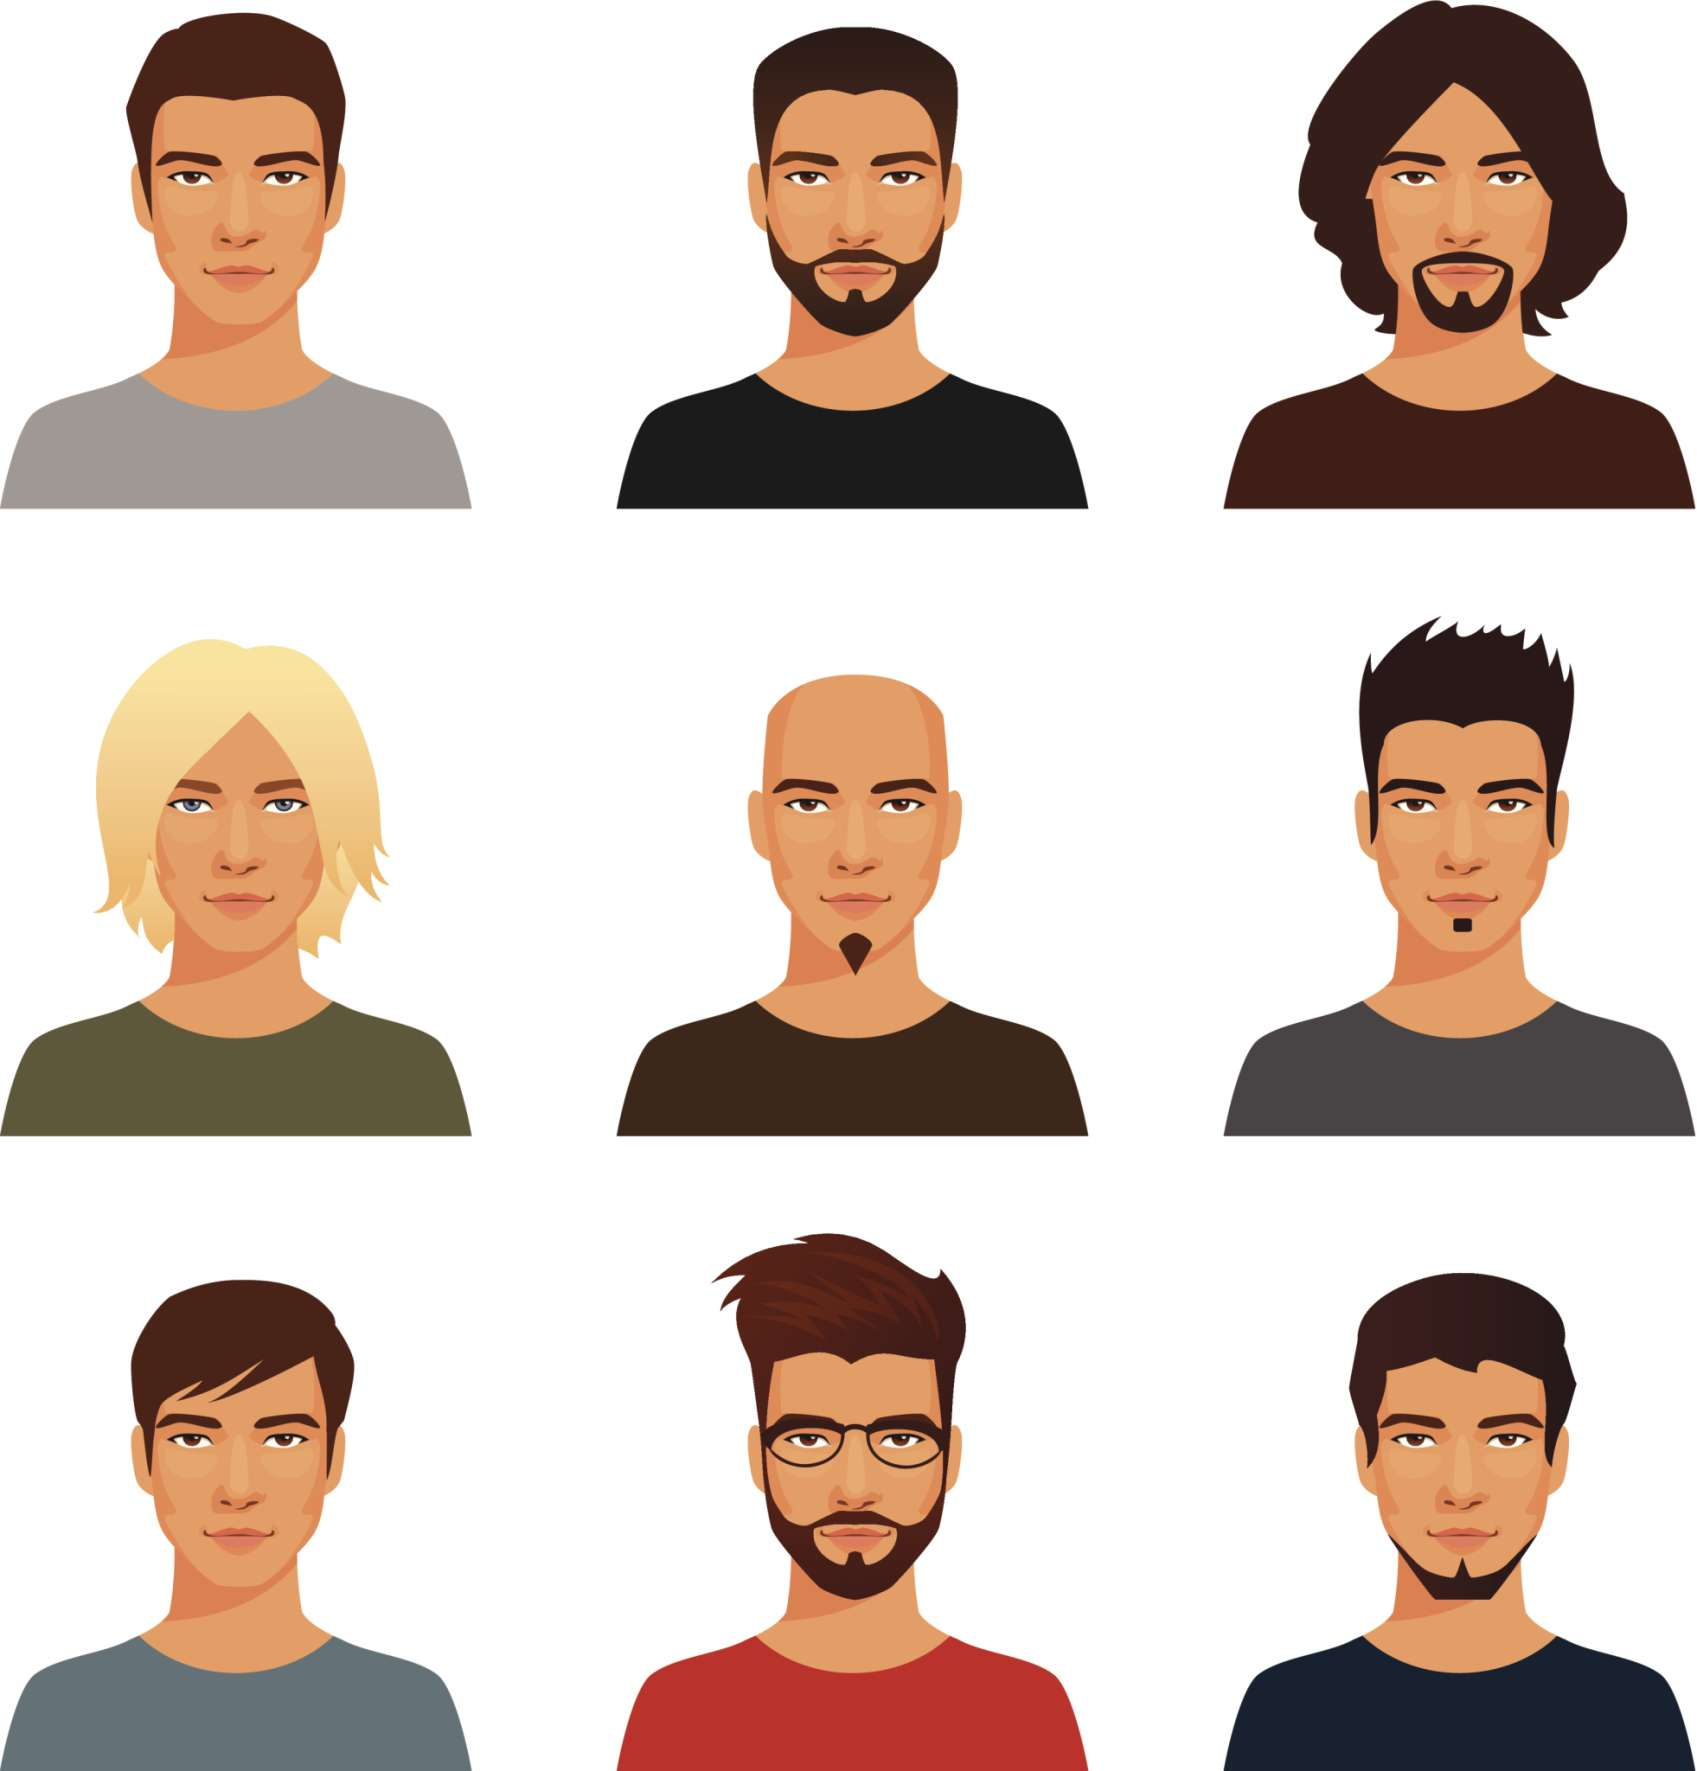 Formato do rosto mostra inteligência masculina, diz estudo